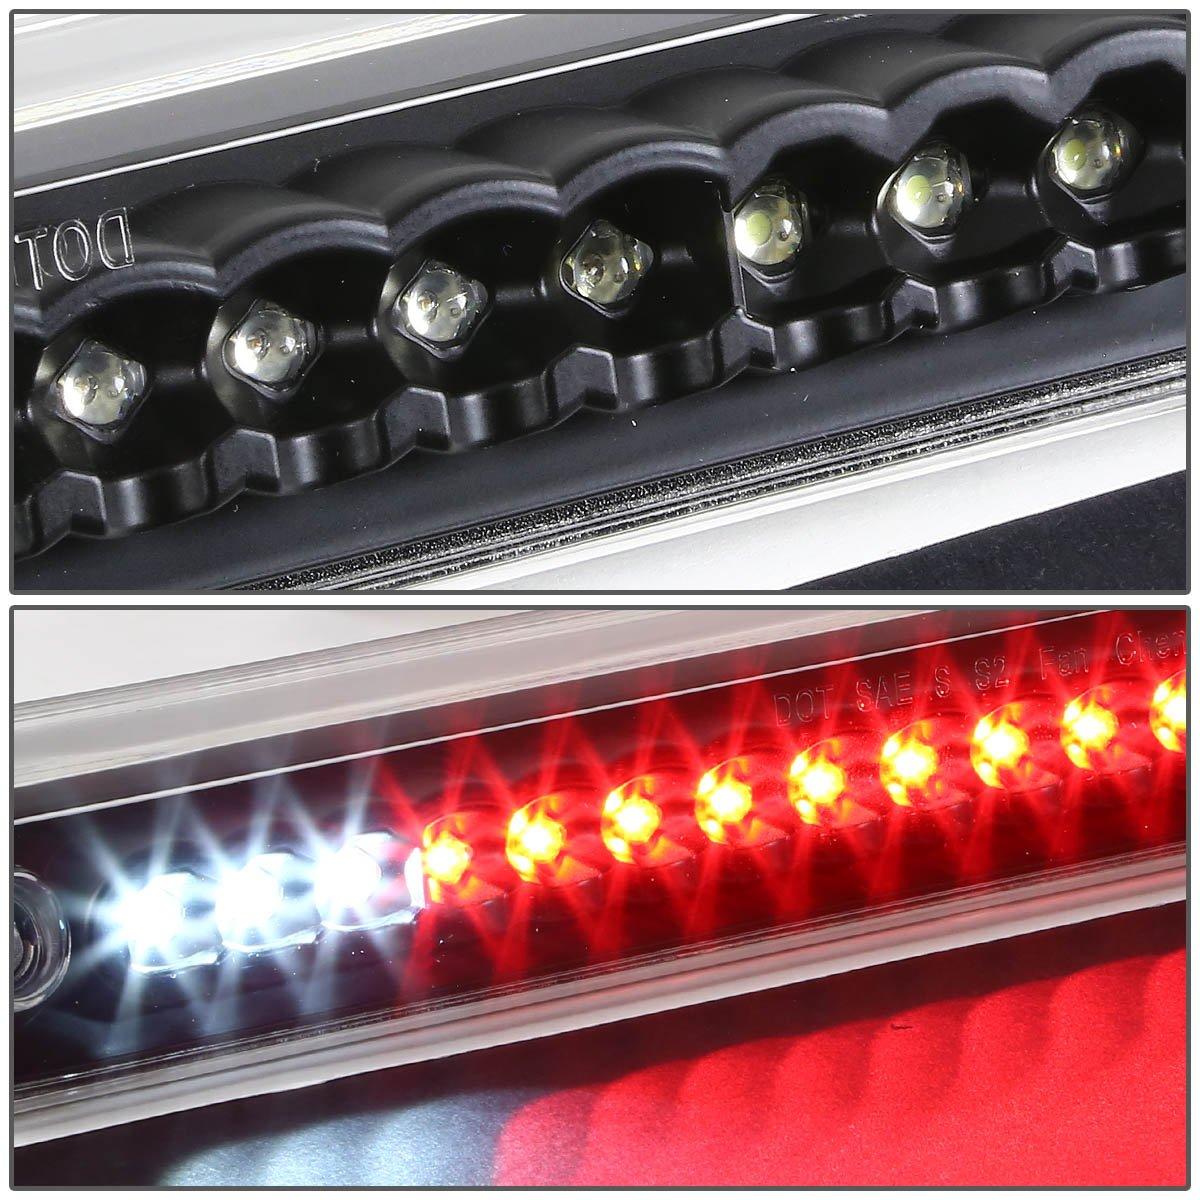 DNA Motoring 3BL-C1088-LED-BK Third Brake Light